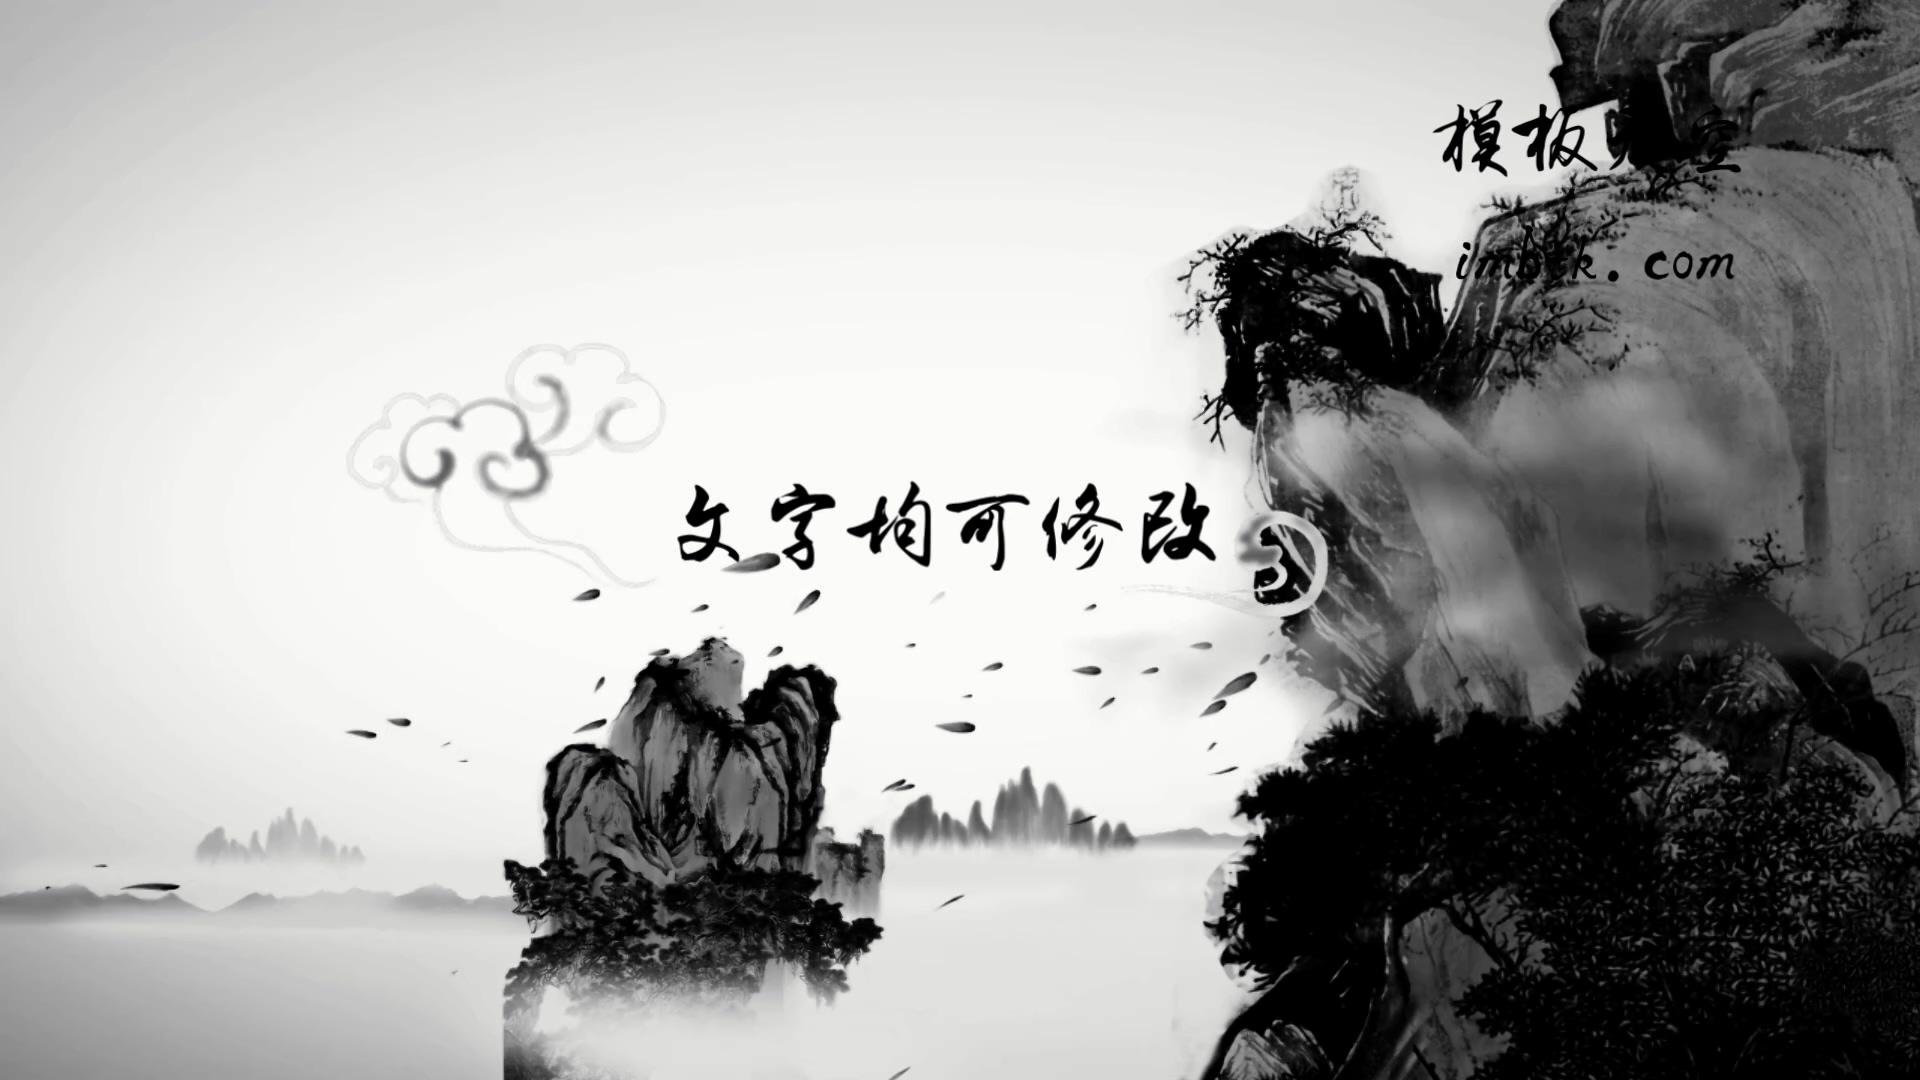 中国风古典片头会声会影模板